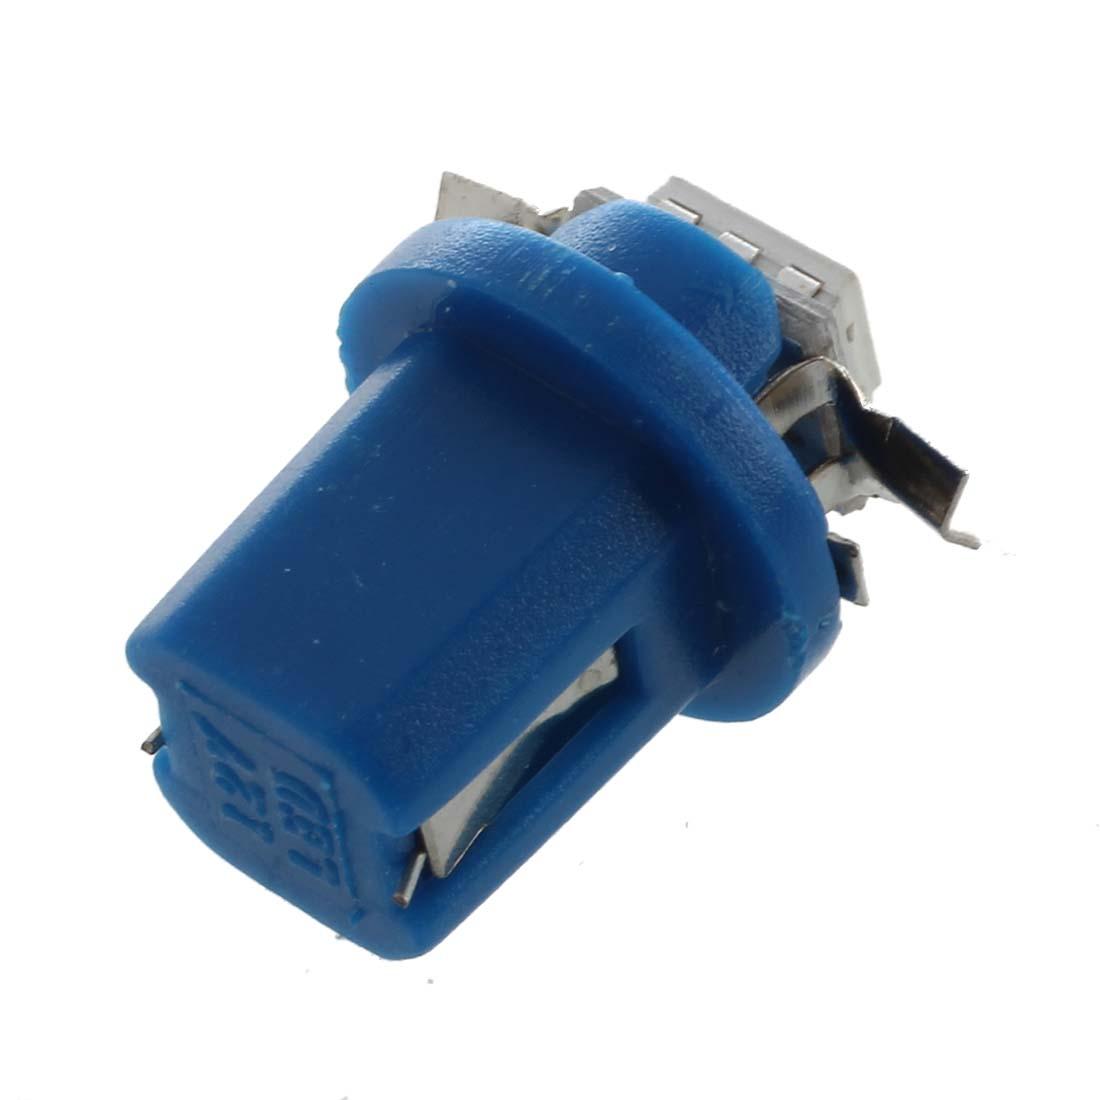 ampoule led smd compteur tableau de bord b8 5d t5 avec support bleu tuning wt. Black Bedroom Furniture Sets. Home Design Ideas